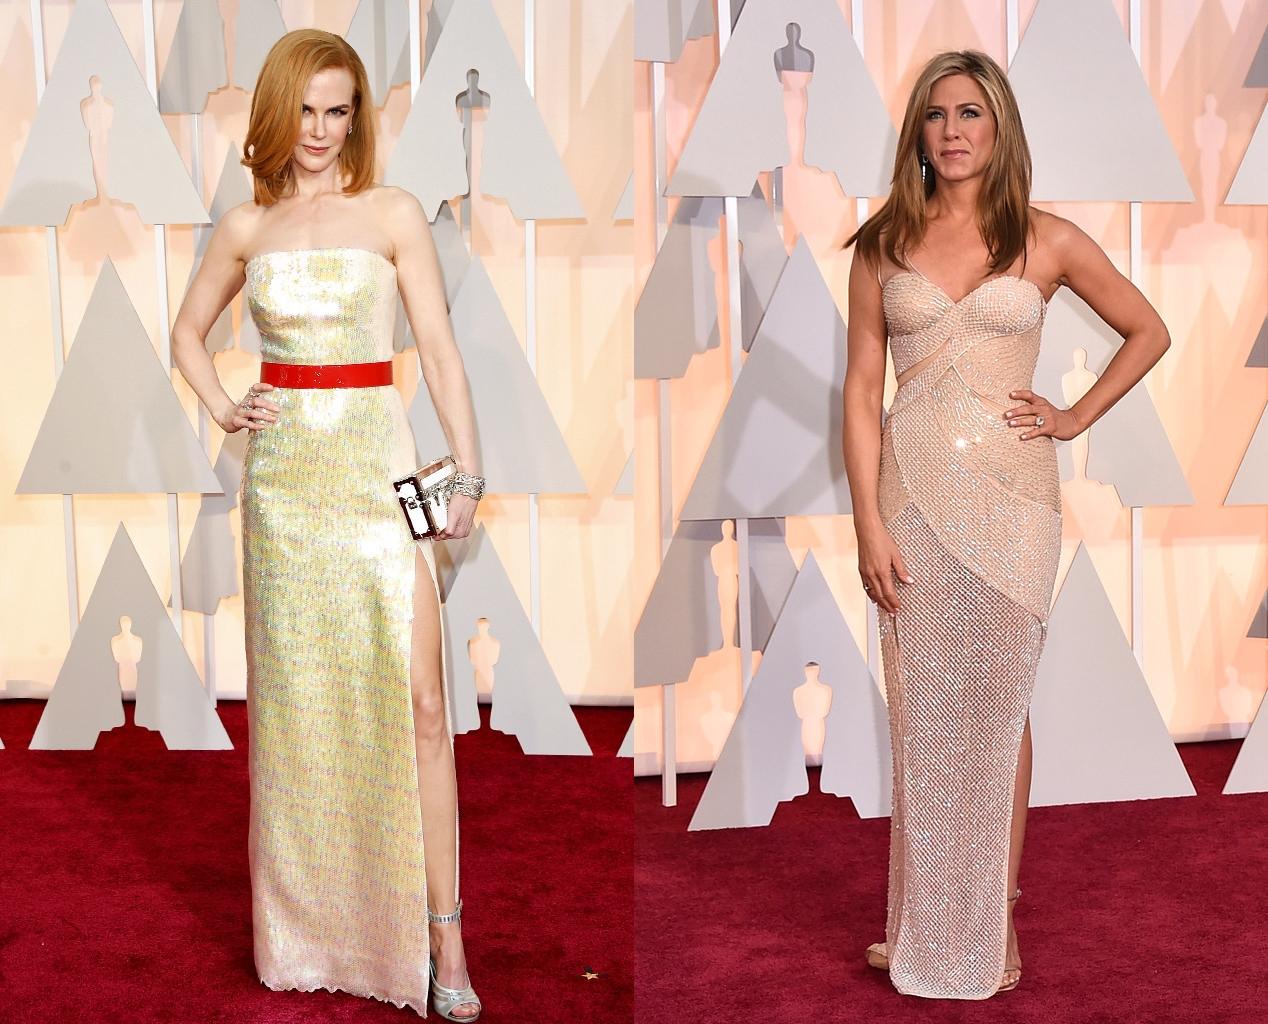 050a39833cb Nicole-Kidman-Academy-Awards2015-Academy-Awards